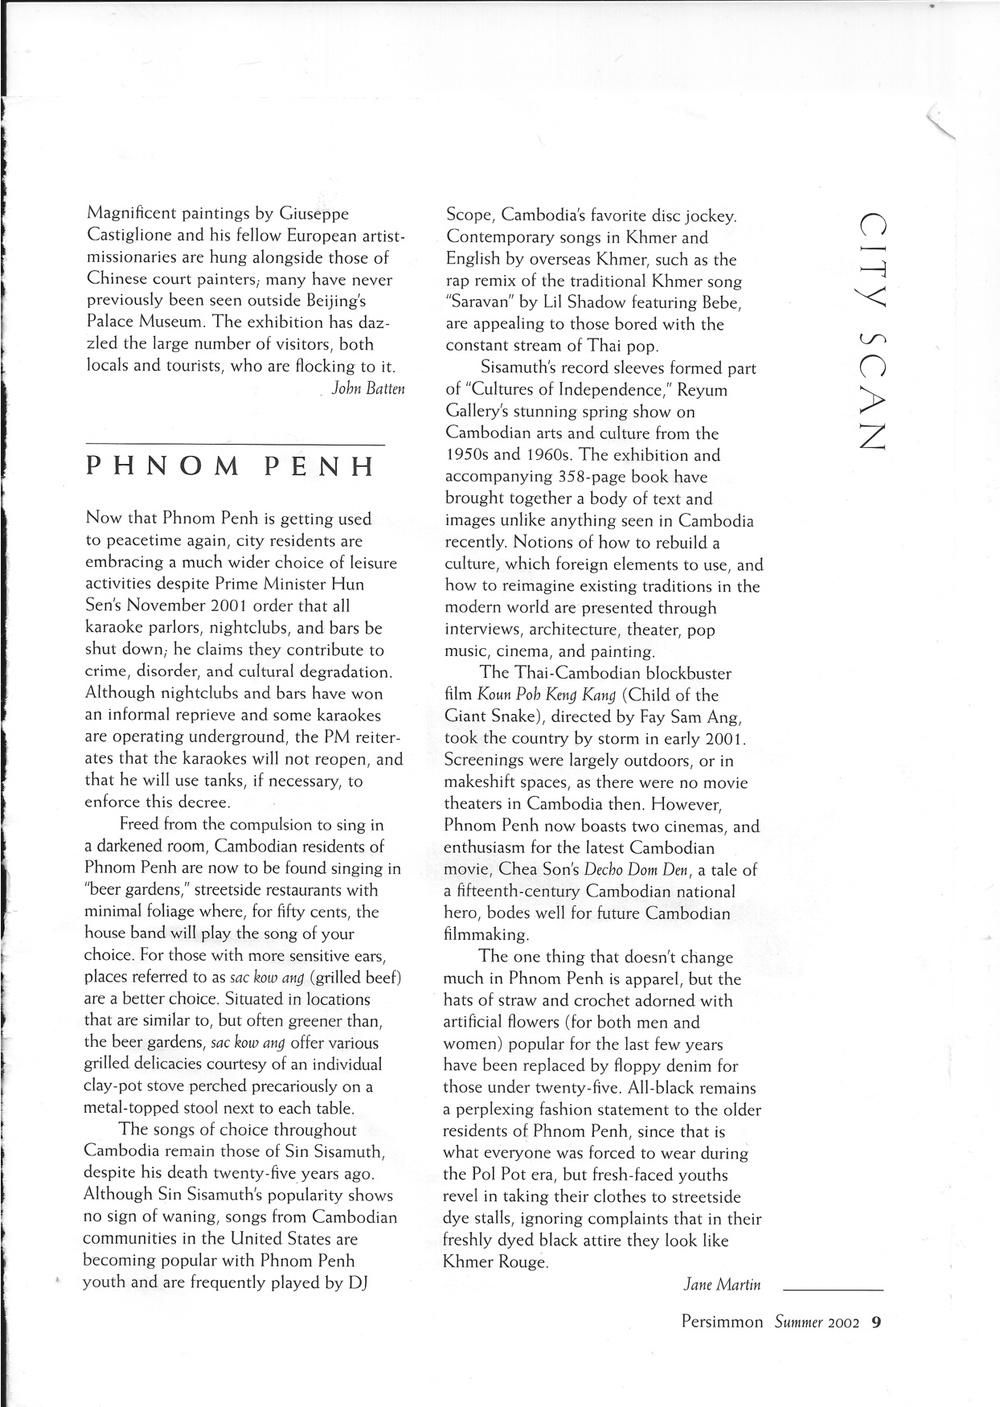 2002 Summer Persimmon 300dpi.jpg